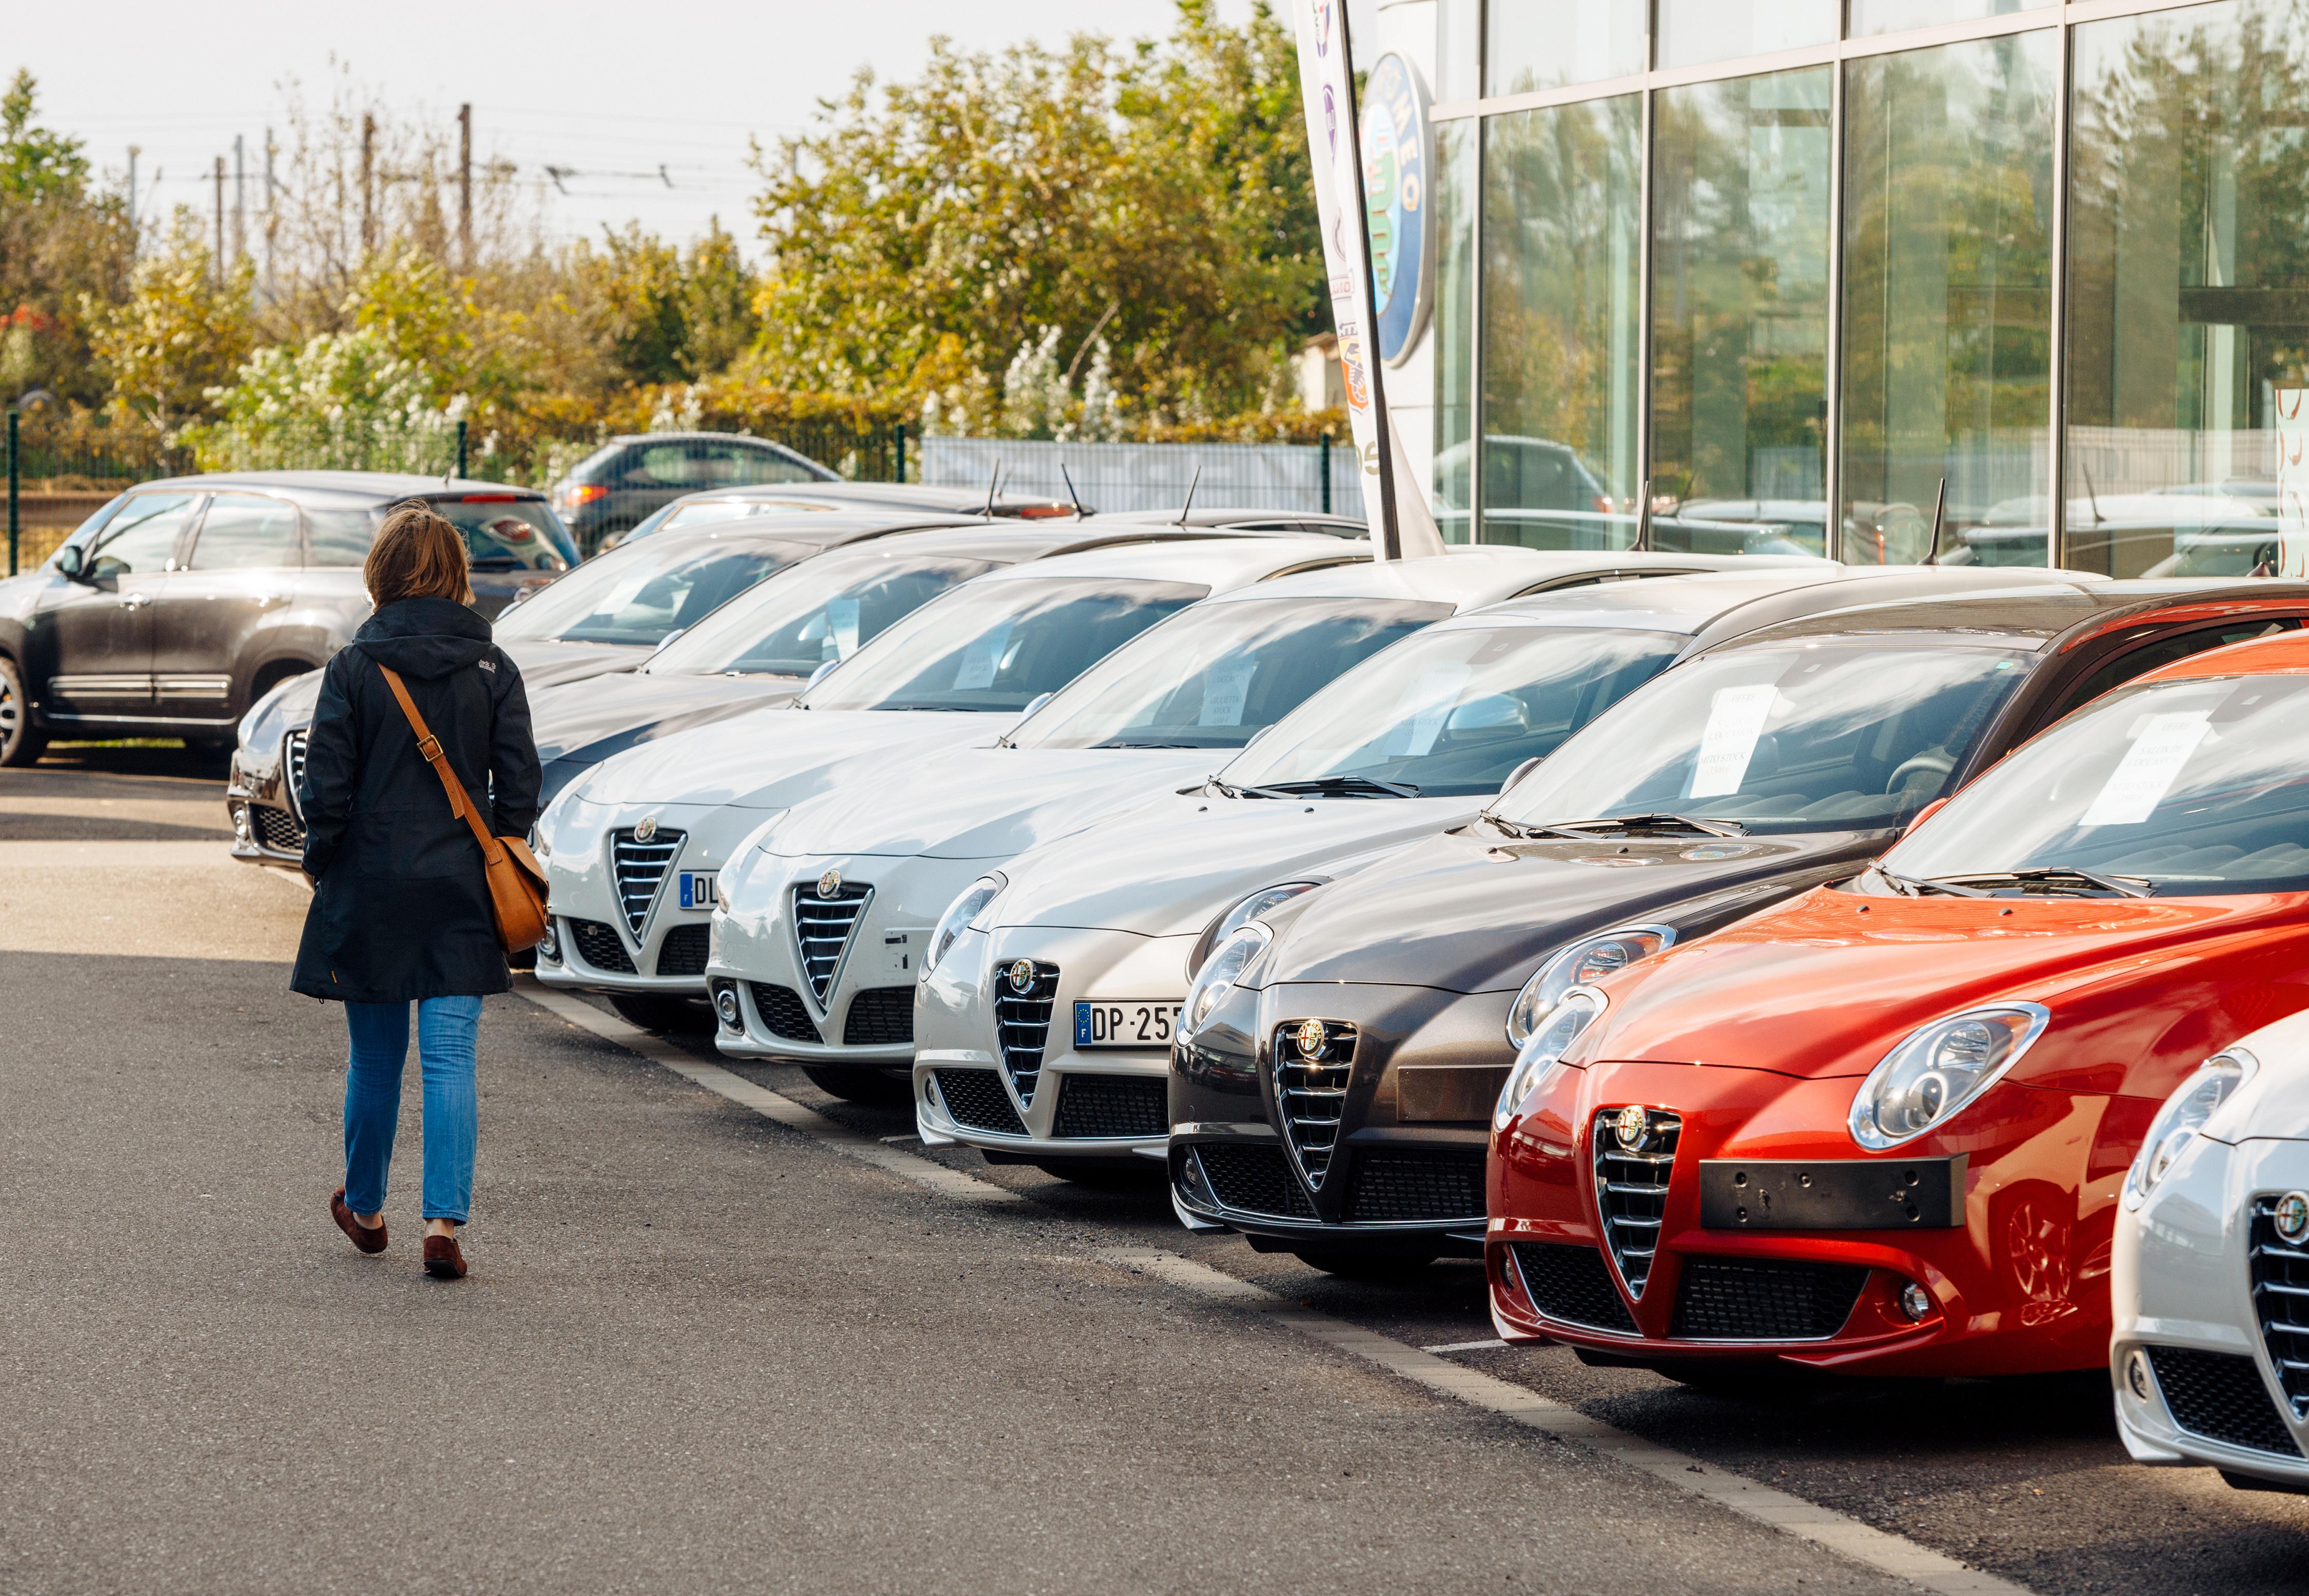 Le nouveau parcours d'achat automobile : la mort des concessions ? Non.